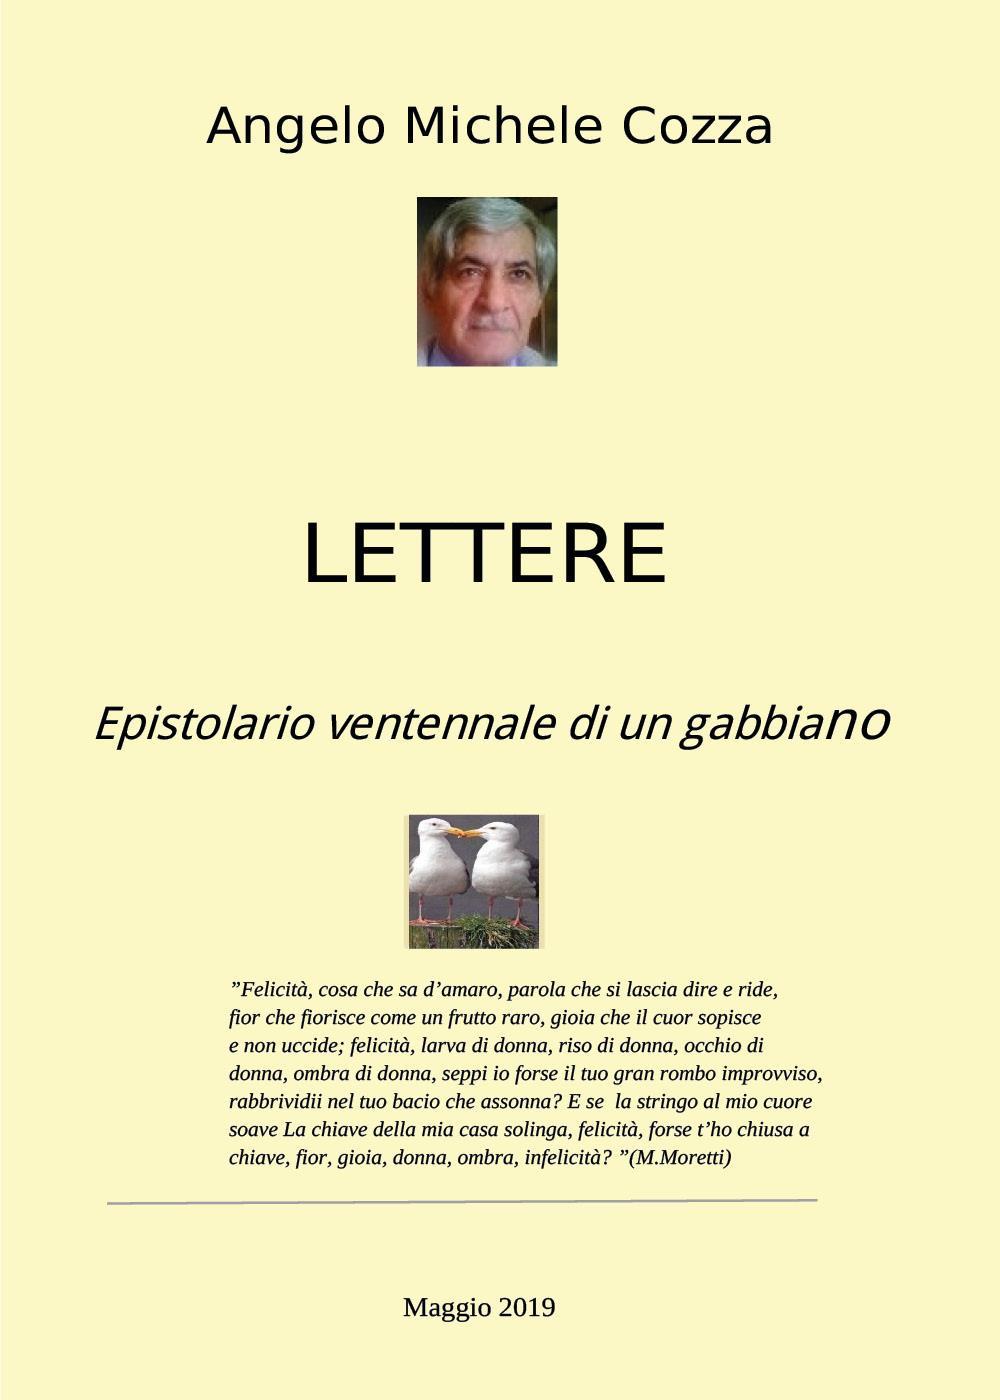 Lettere Epistolario ventennale di un gabbiano